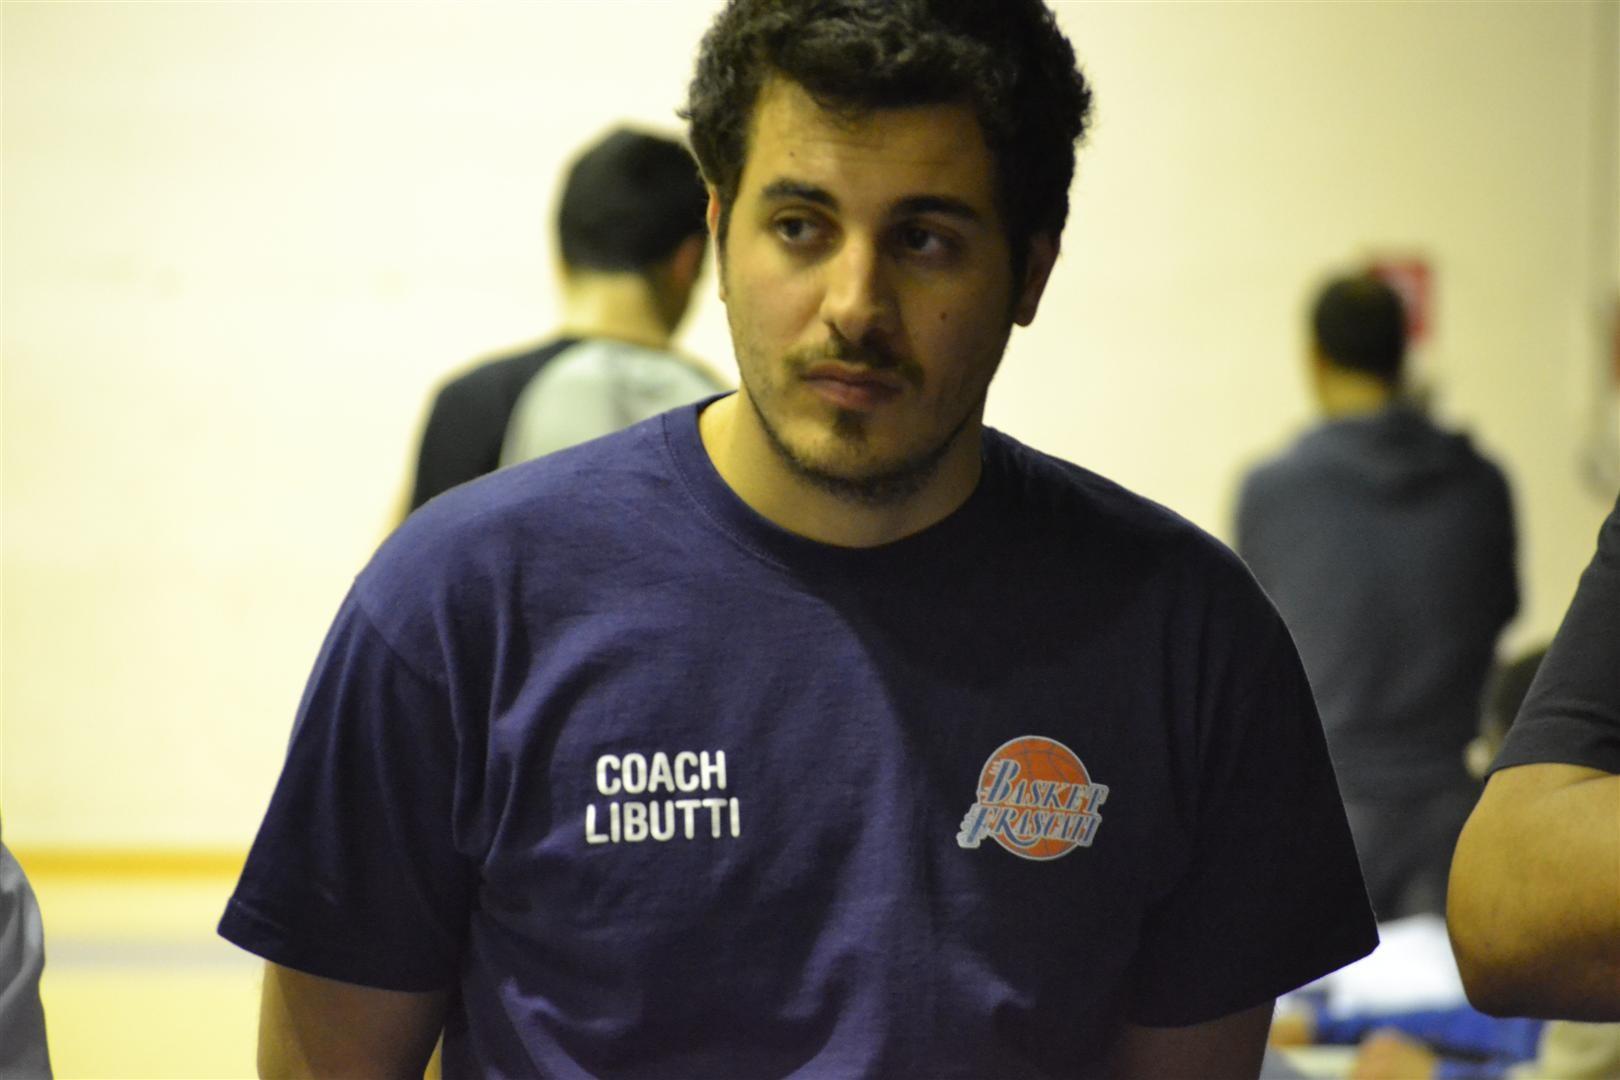 Valerio Libutti